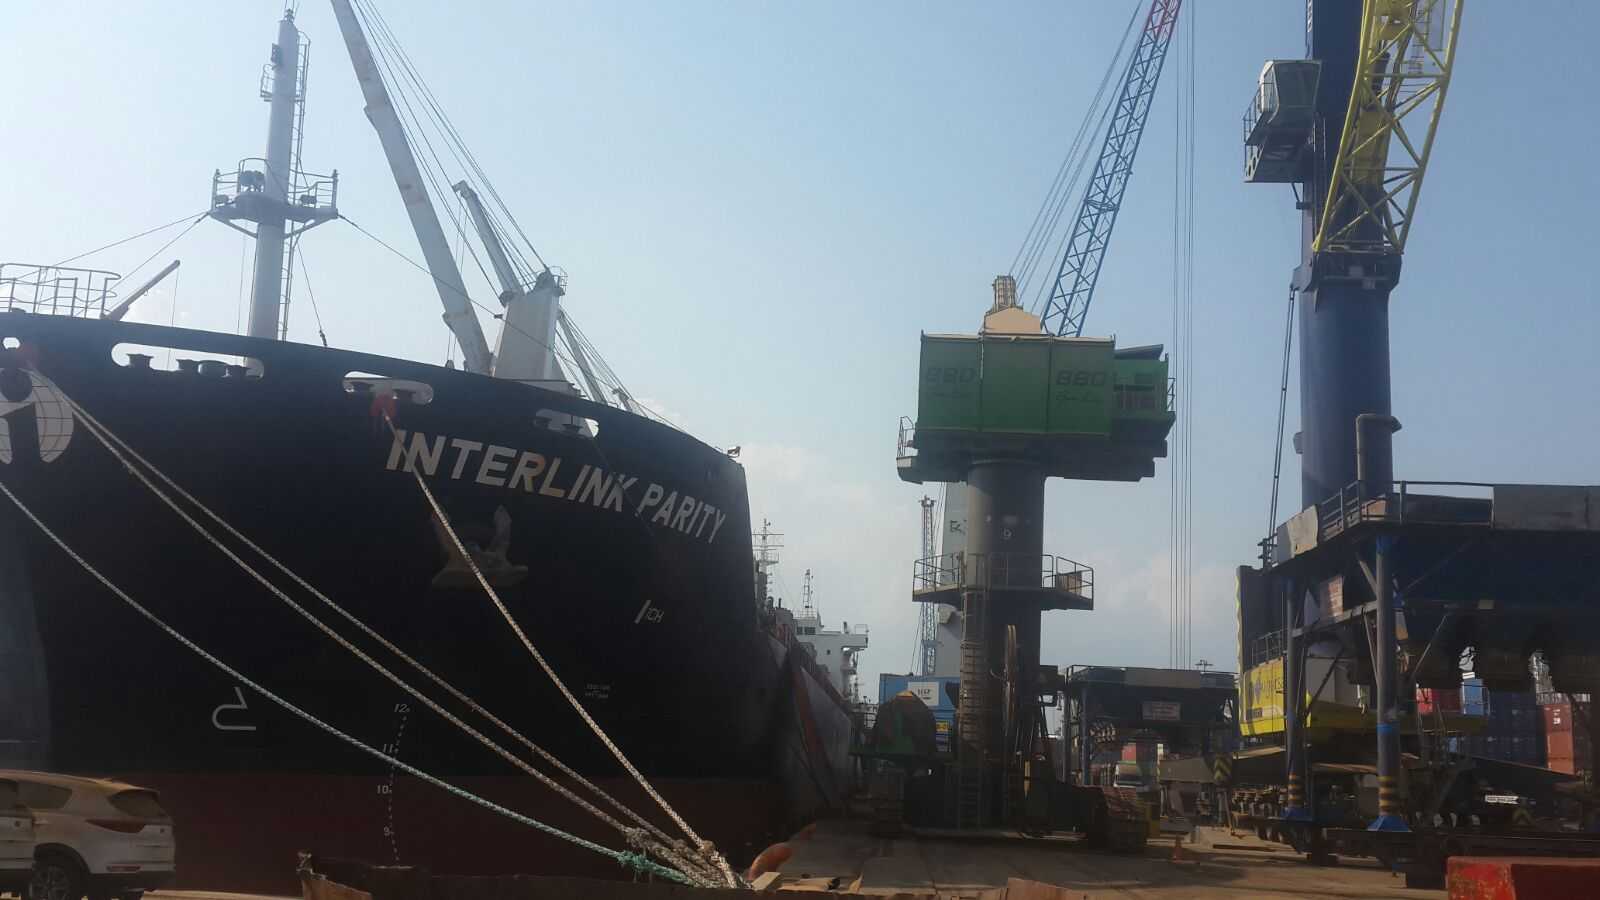 MV INTERLINK PARITY – DISCHARGING